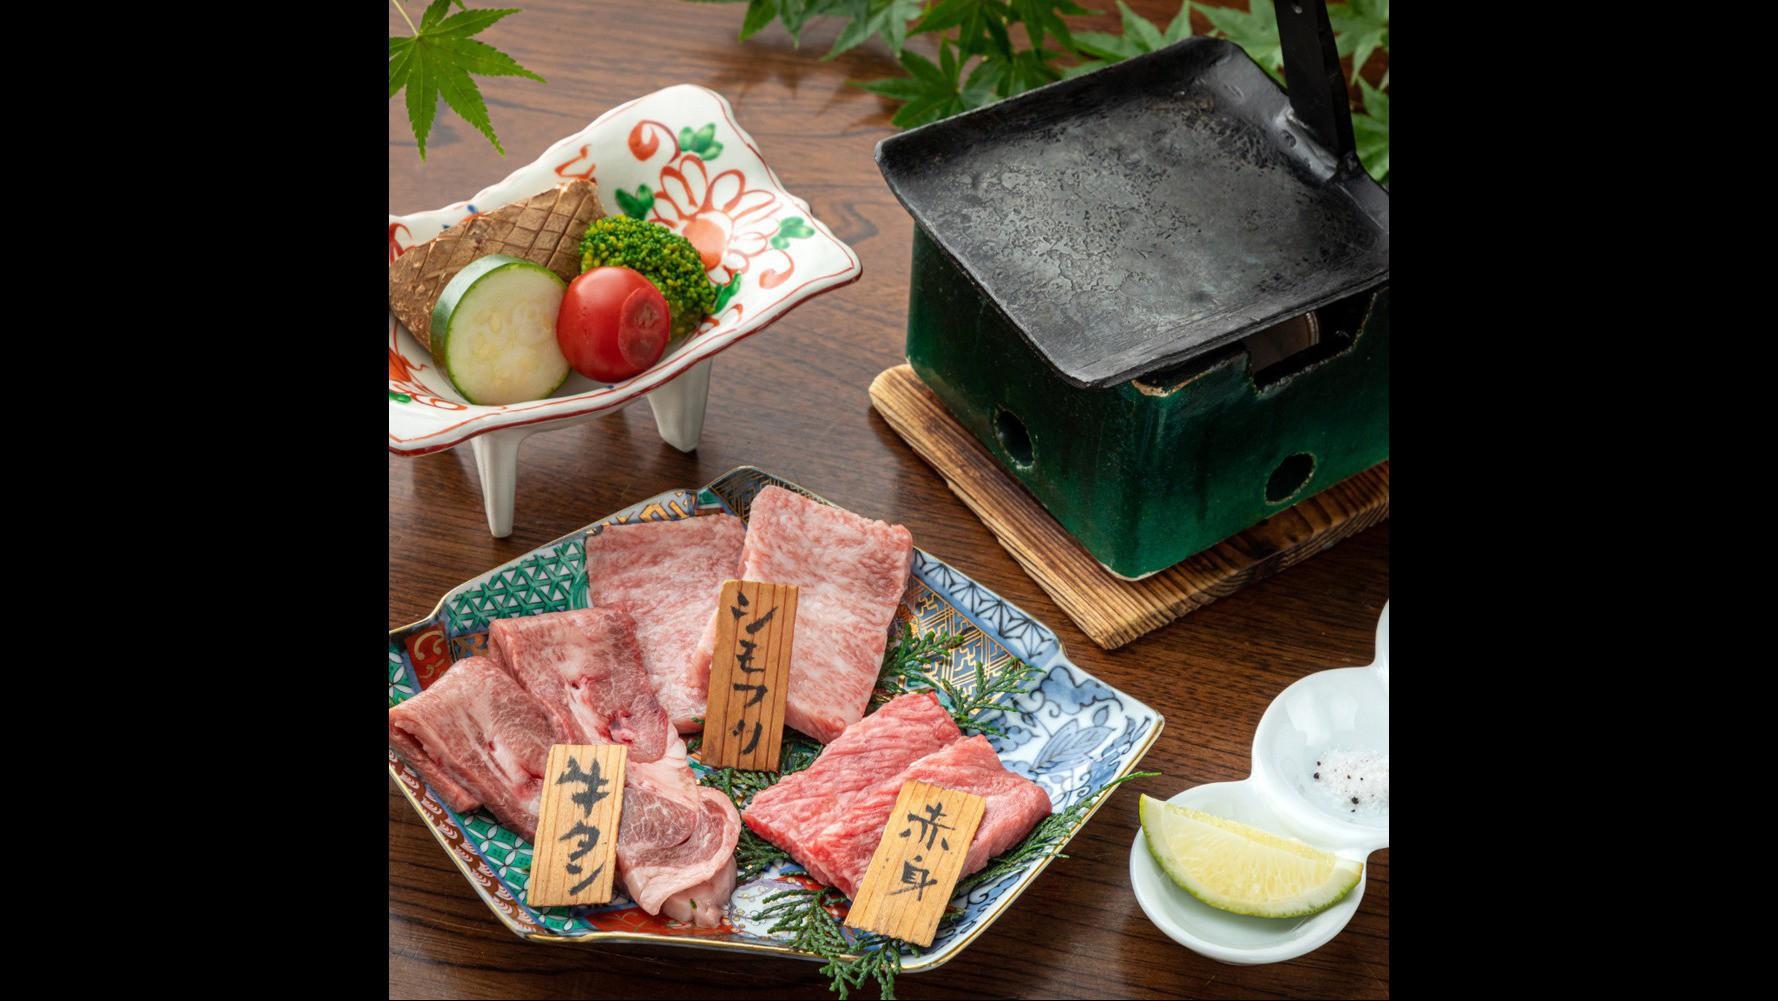 【夕食】懐石料理の一品(季節により変わります)